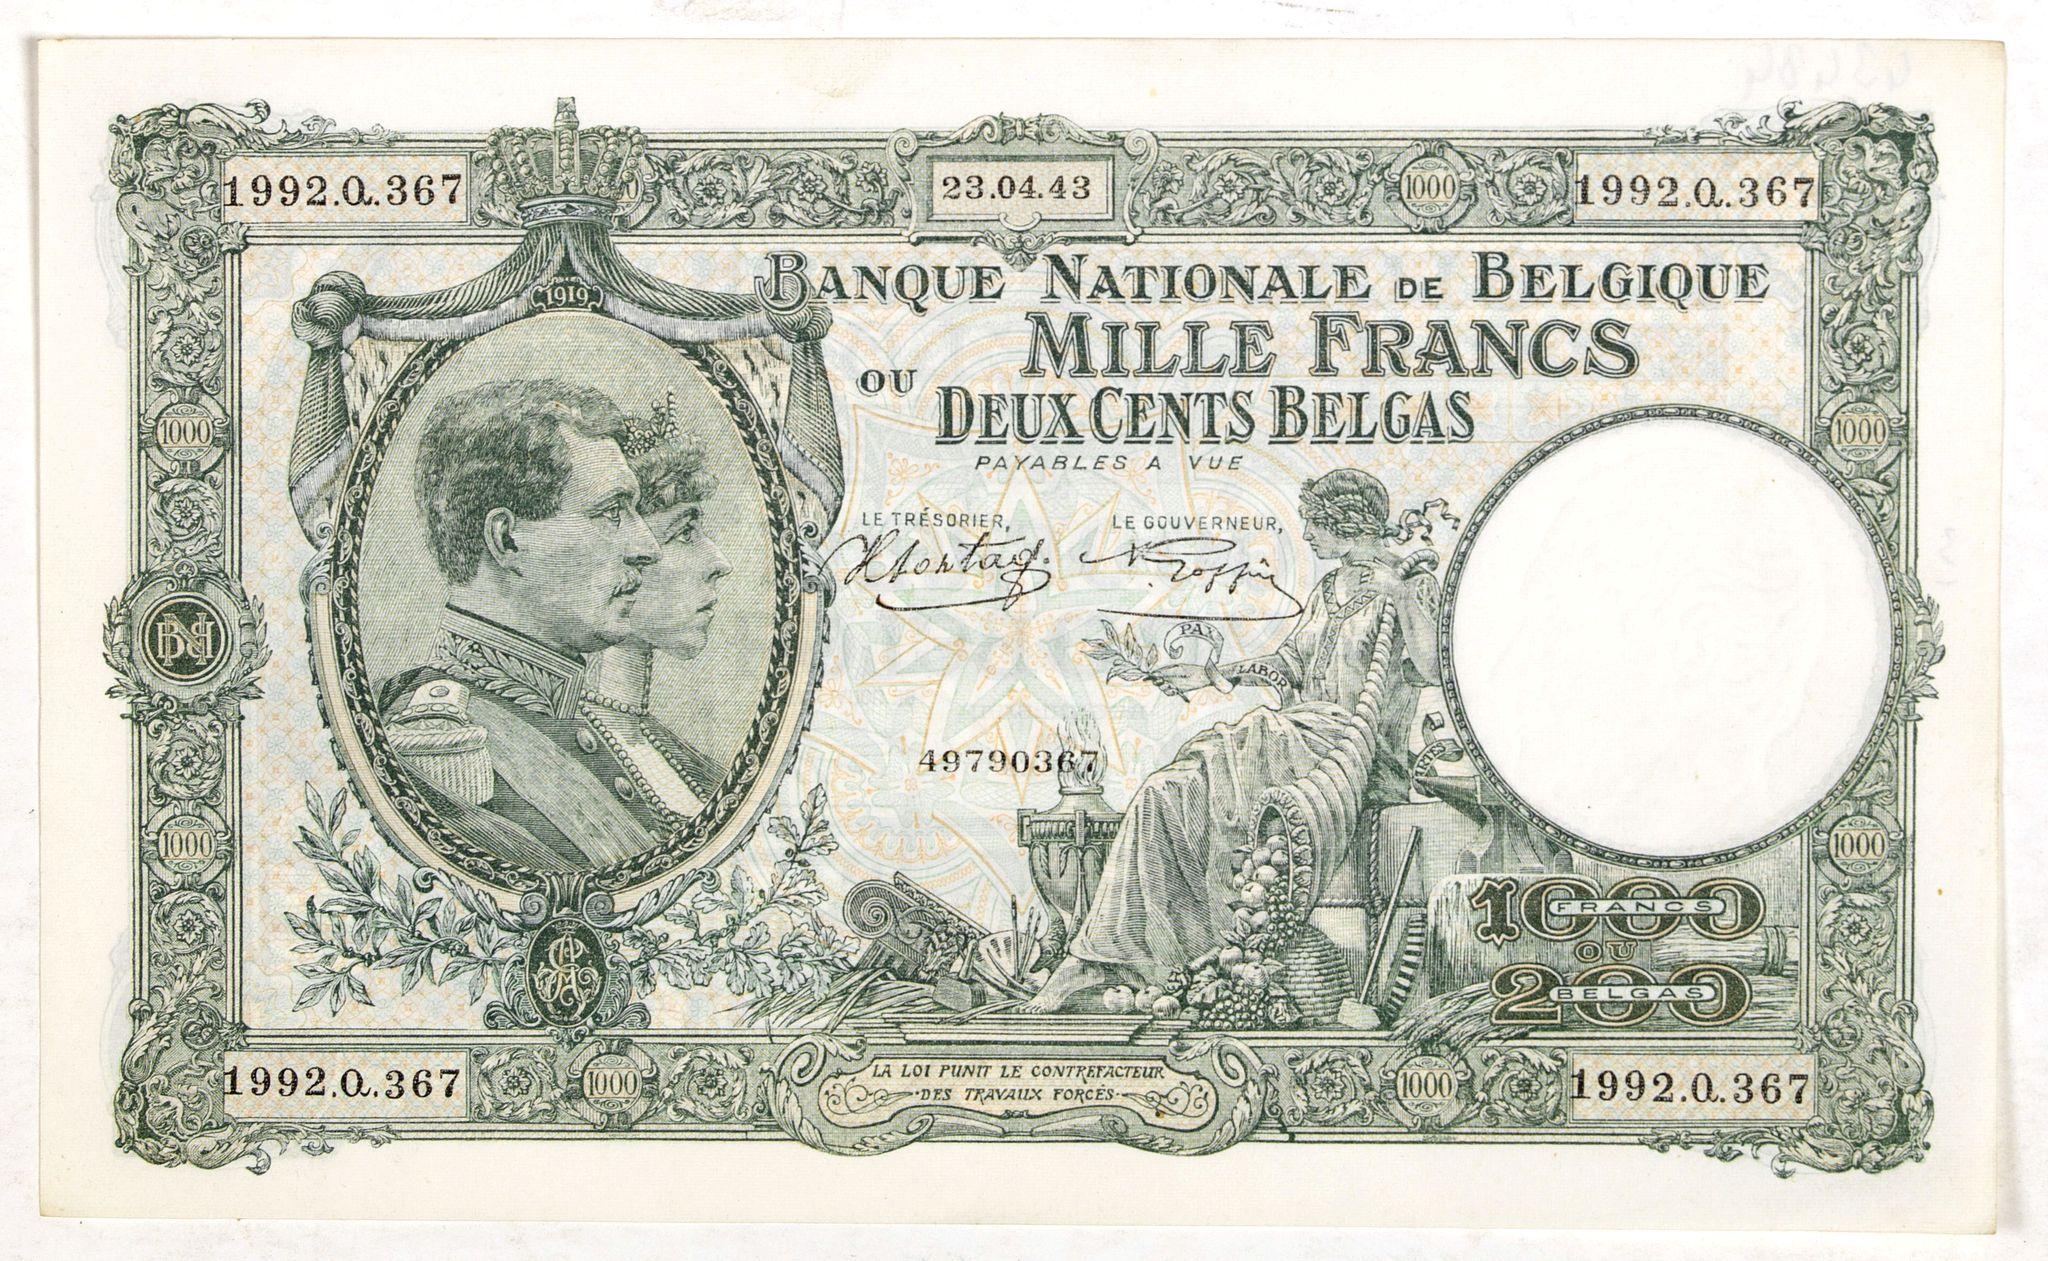 BANQUE NATIONALE DE Belgique -  1000 Francs ou 200 Belgas (Belgian bank note)